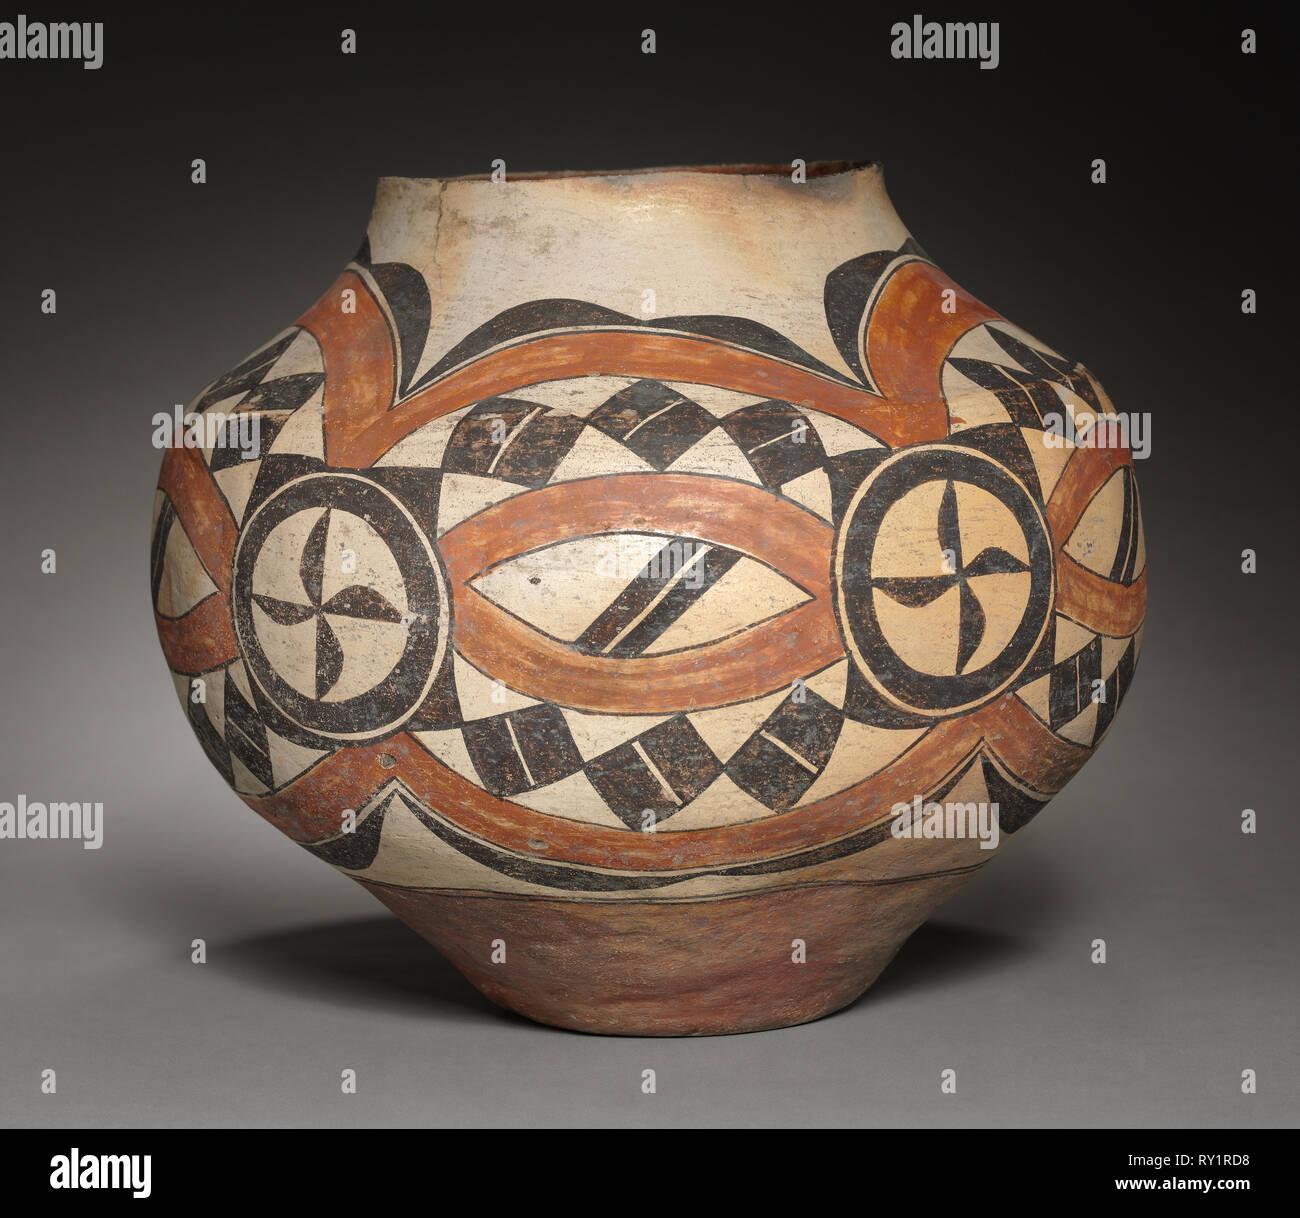 Acoma Pueblo Pottery Stock Photos & Acoma Pueblo Pottery